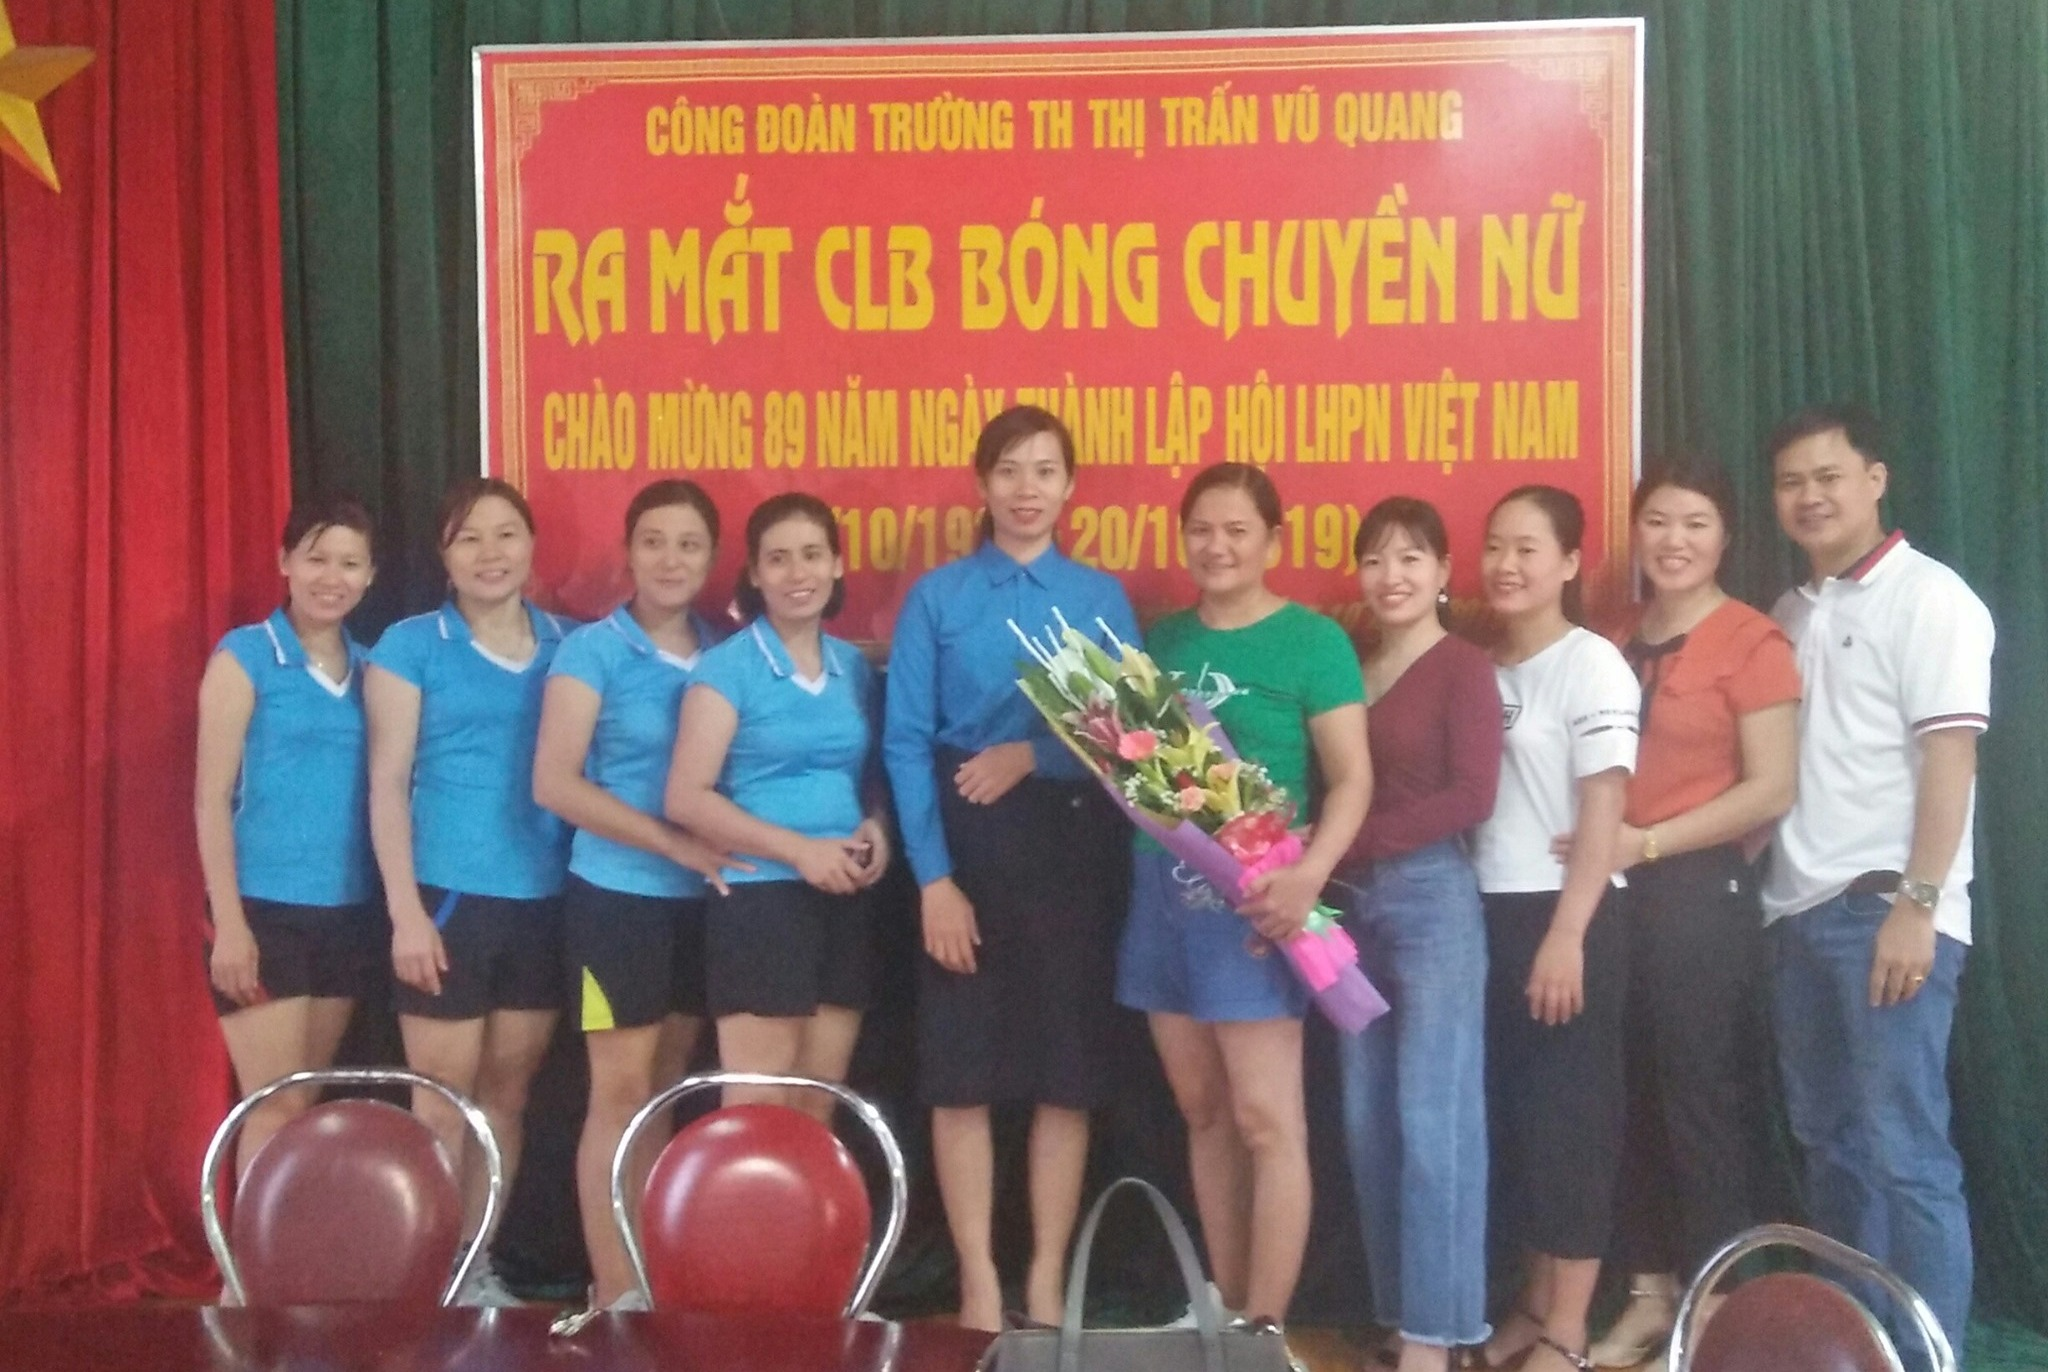 Vũ Quang: Sôi nổi các hoạt động chào mừng Ngày Phụ nữ Việt Nam 20/10